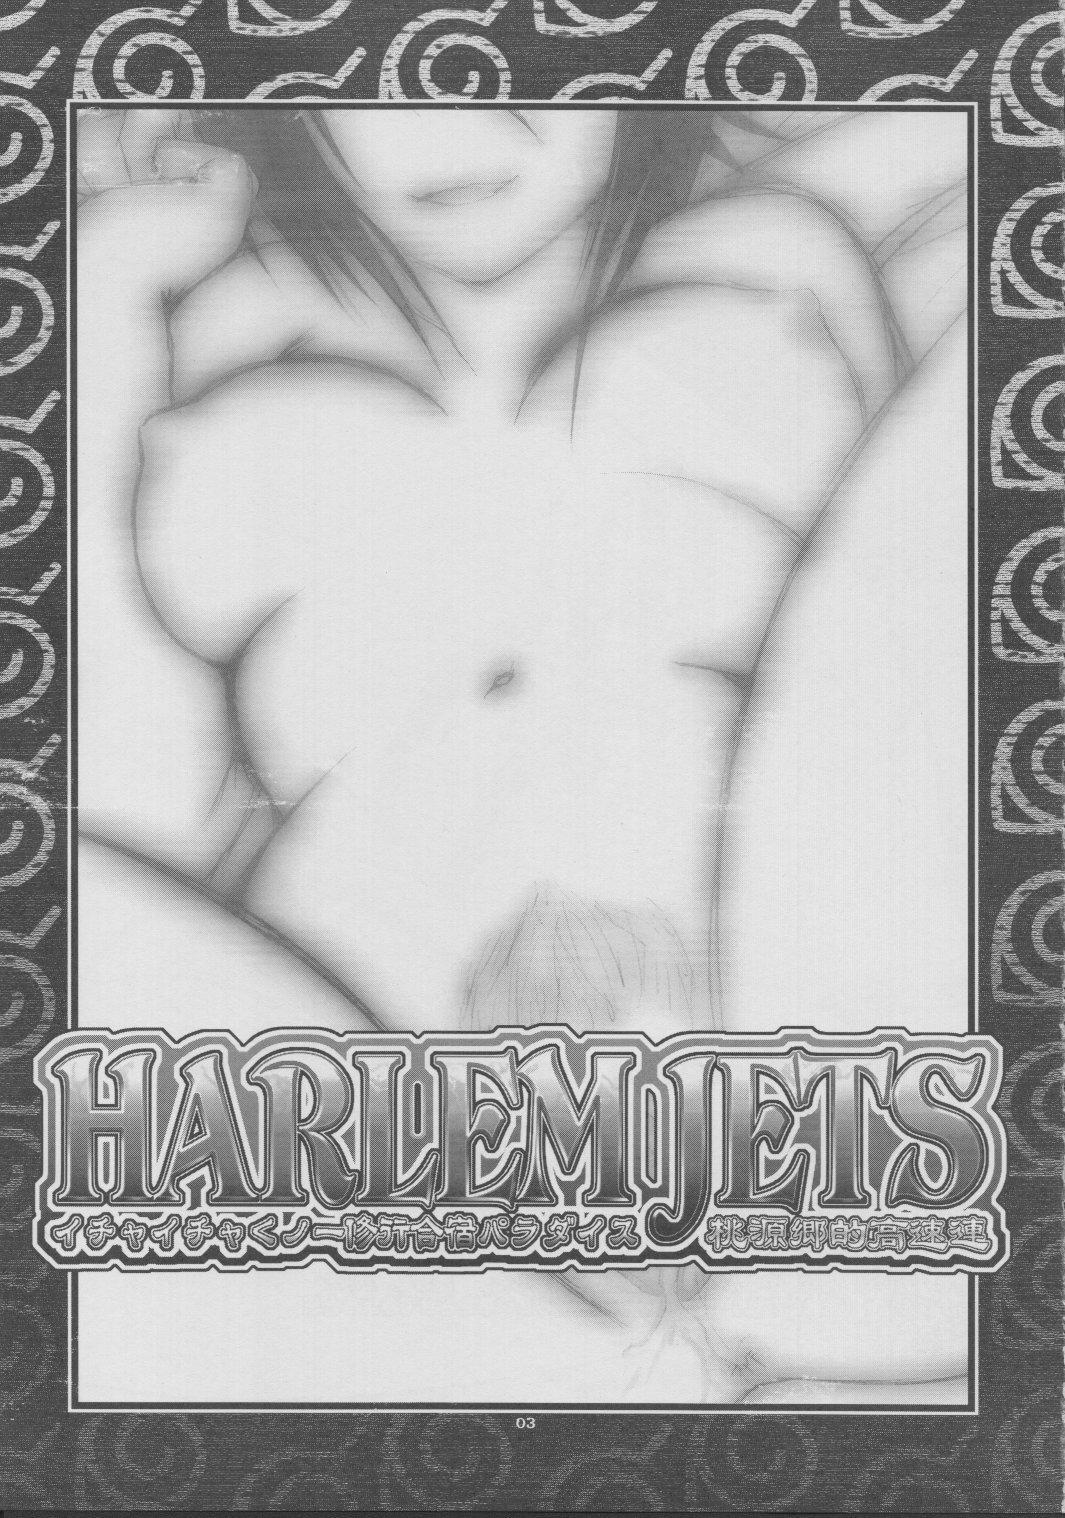 Harlem Jets 1